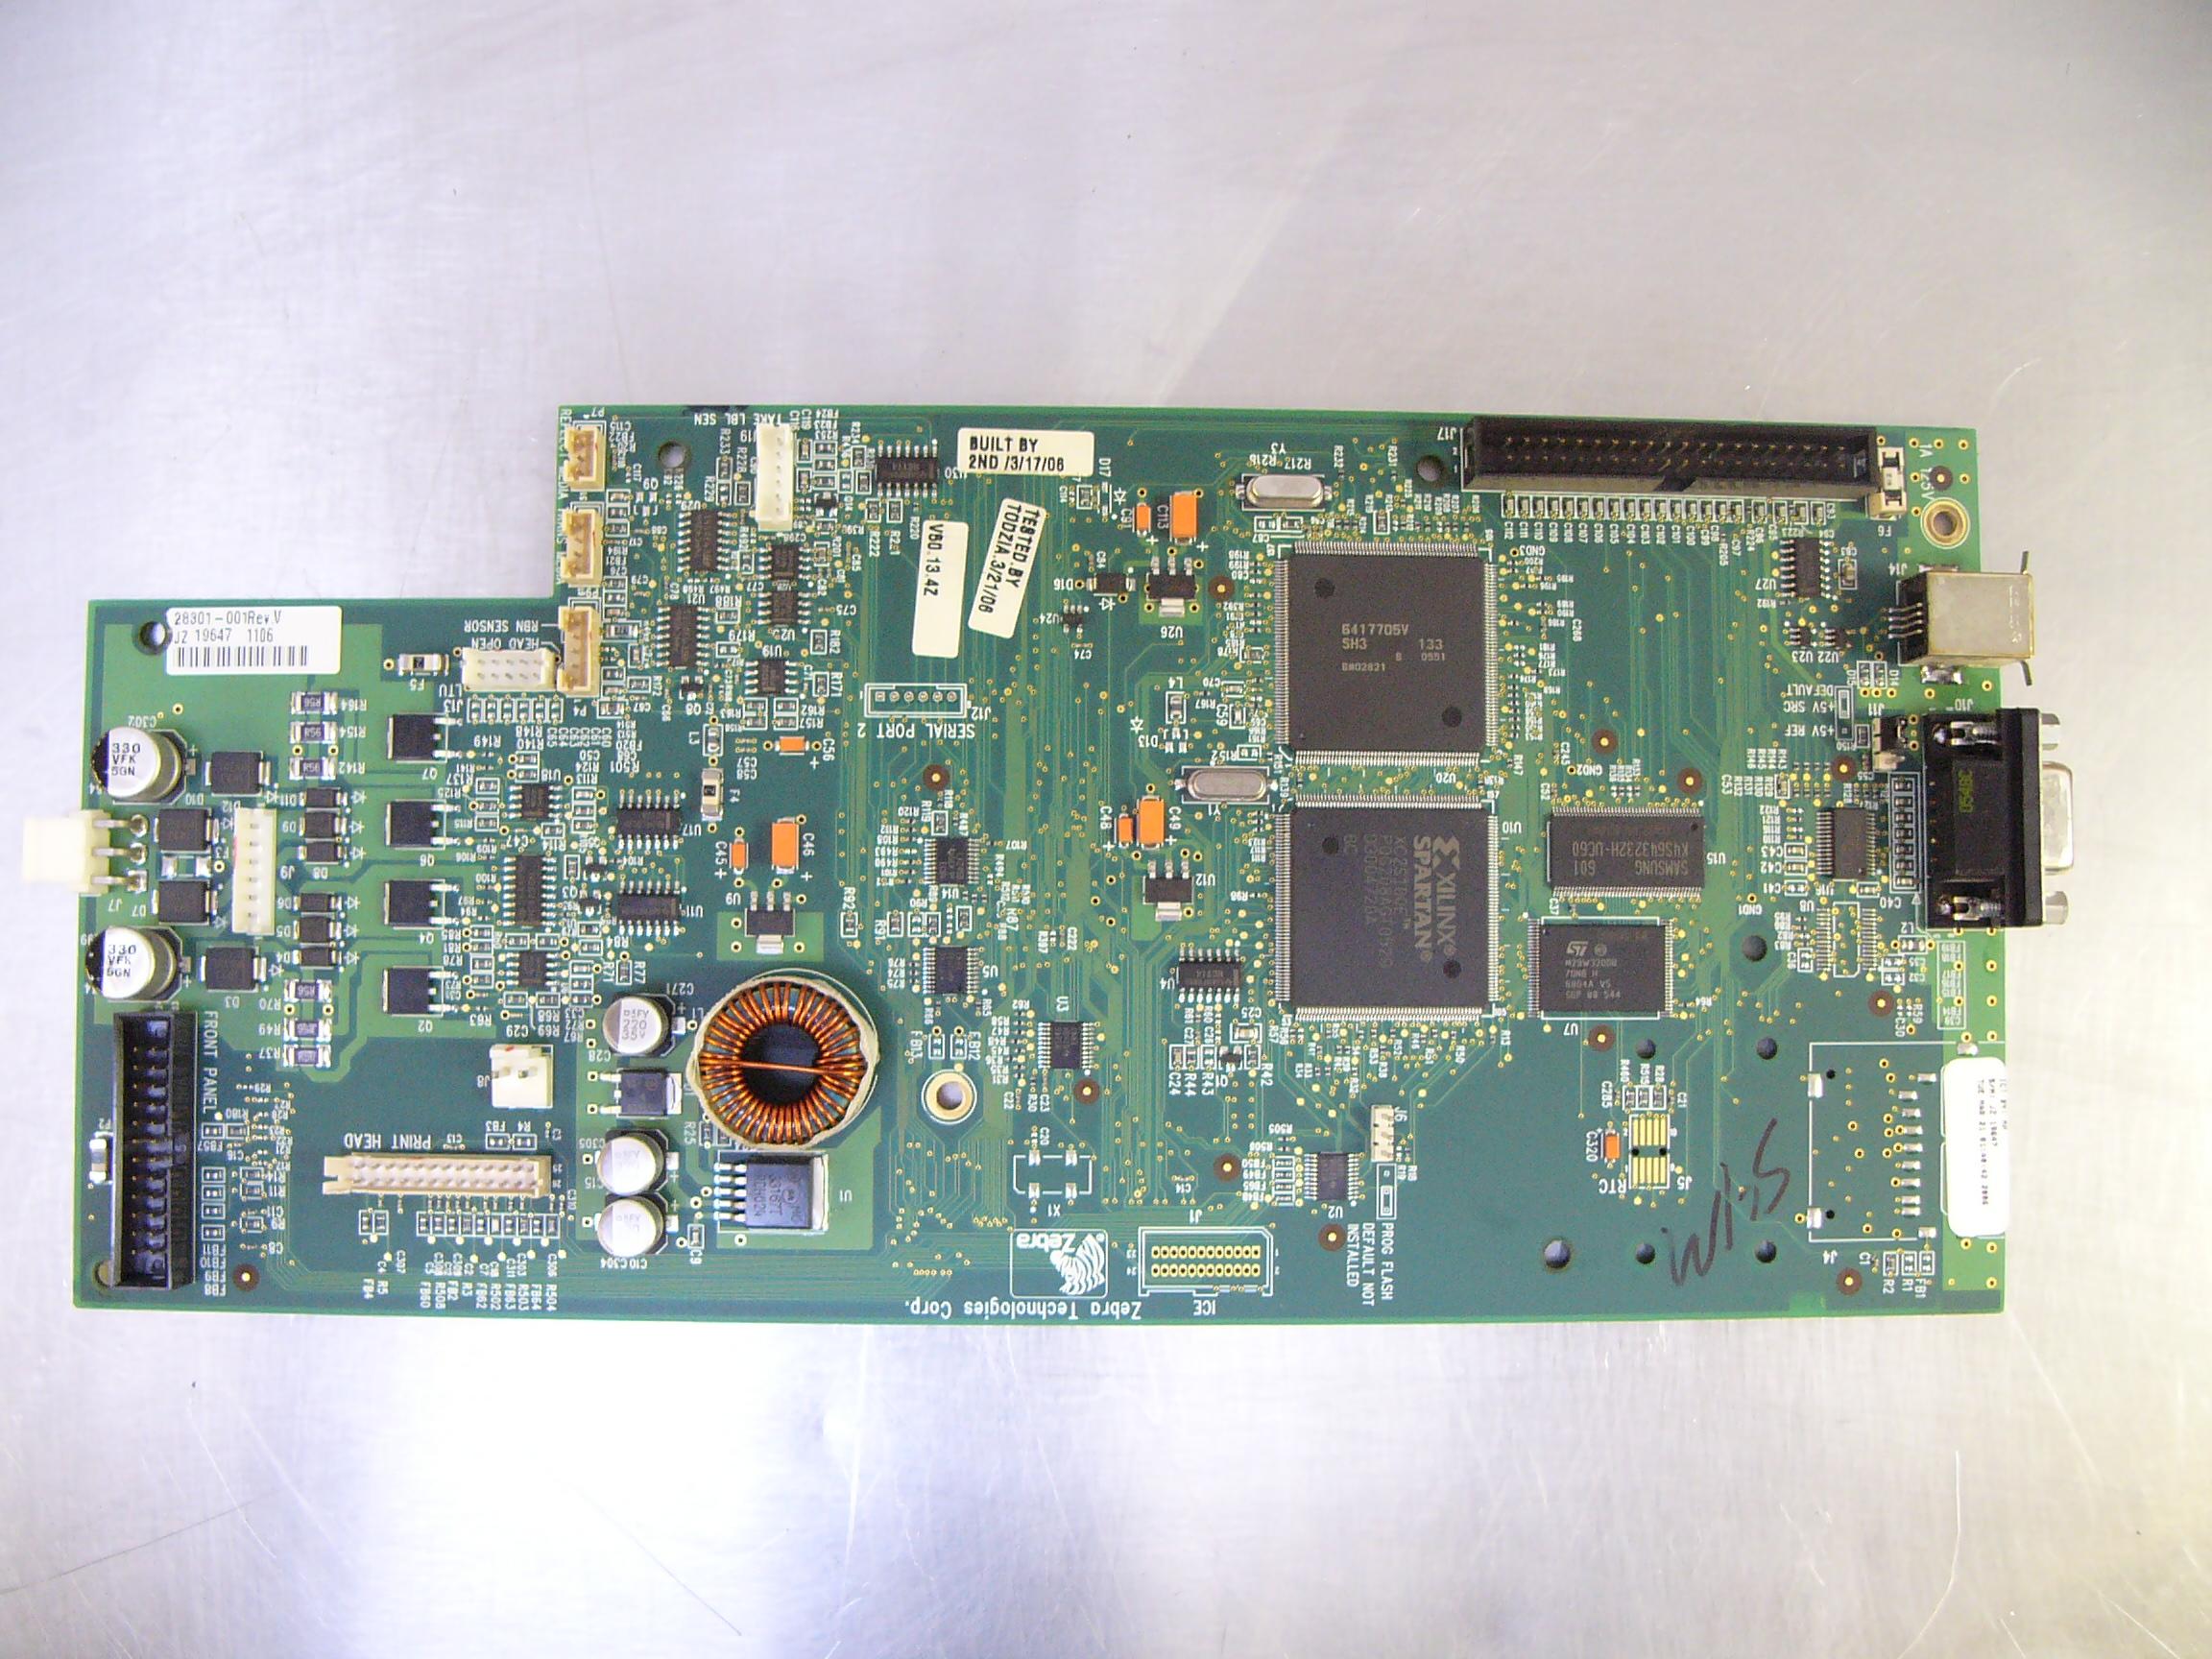 28301-001 -  - 28301-001, 4MB Main Logic Board, S4M